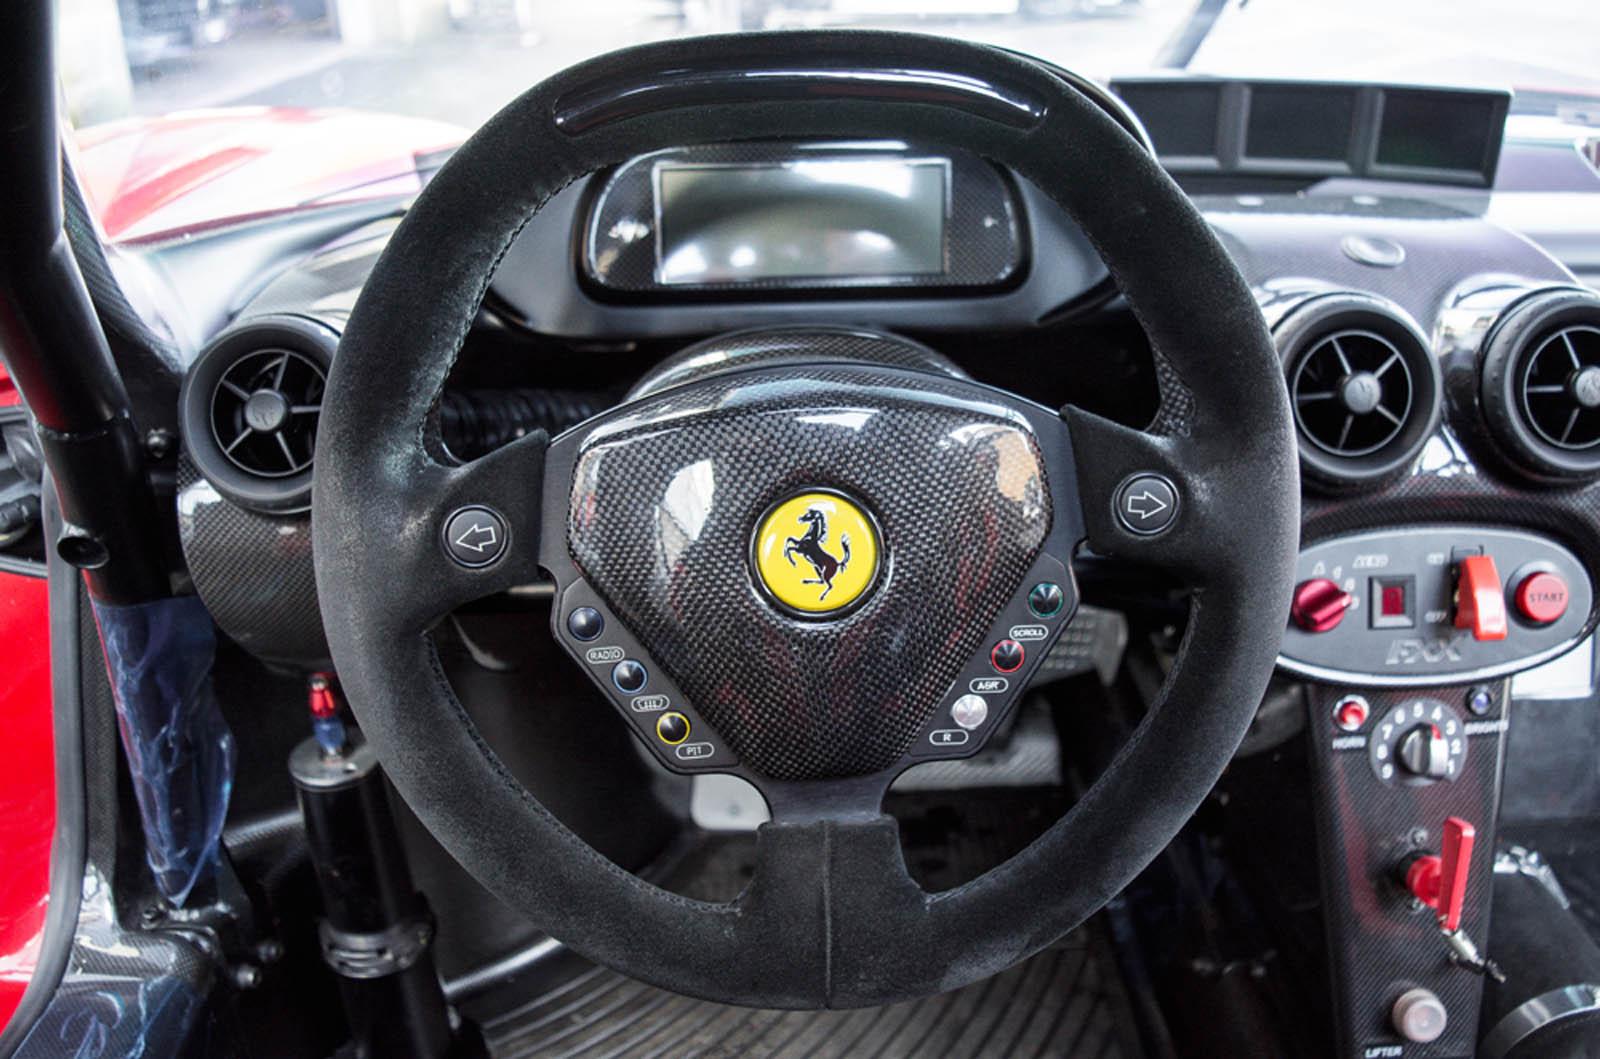 Ferrari_FXX_Evoluzione_for_sale_05